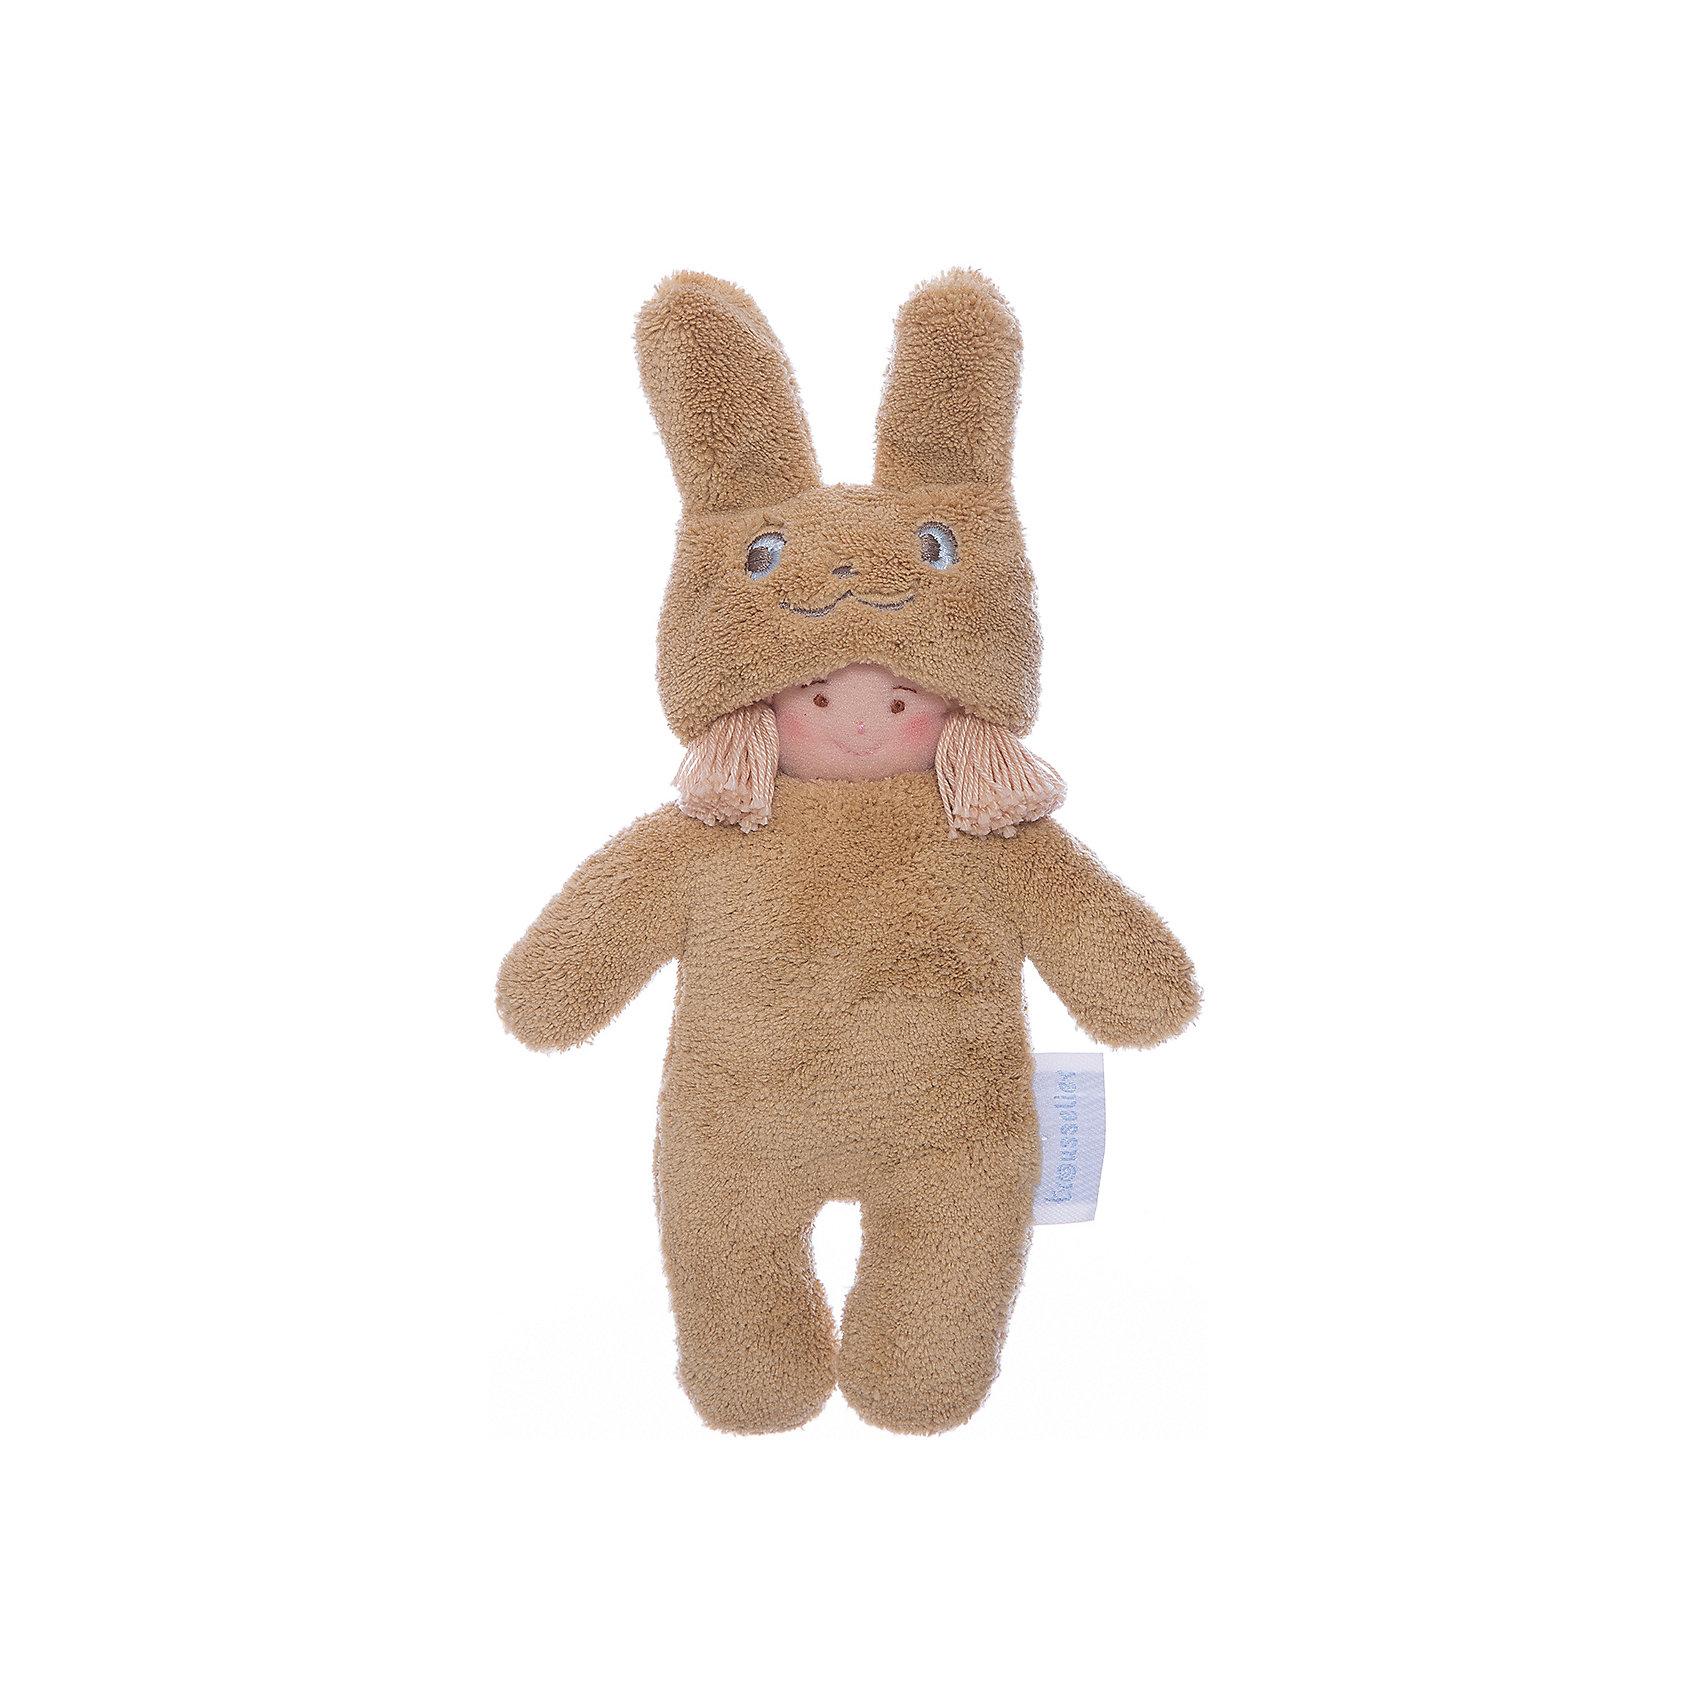 Тряпичная кукла Девочка в костюме кролика, 22см&#13;, TrousselierМягкие куклы<br><br><br>Ширина мм: 120<br>Глубина мм: 40<br>Высота мм: 40<br>Вес г: 180<br>Возраст от месяцев: -2147483648<br>Возраст до месяцев: 2147483647<br>Пол: Унисекс<br>Возраст: Детский<br>SKU: 4964788